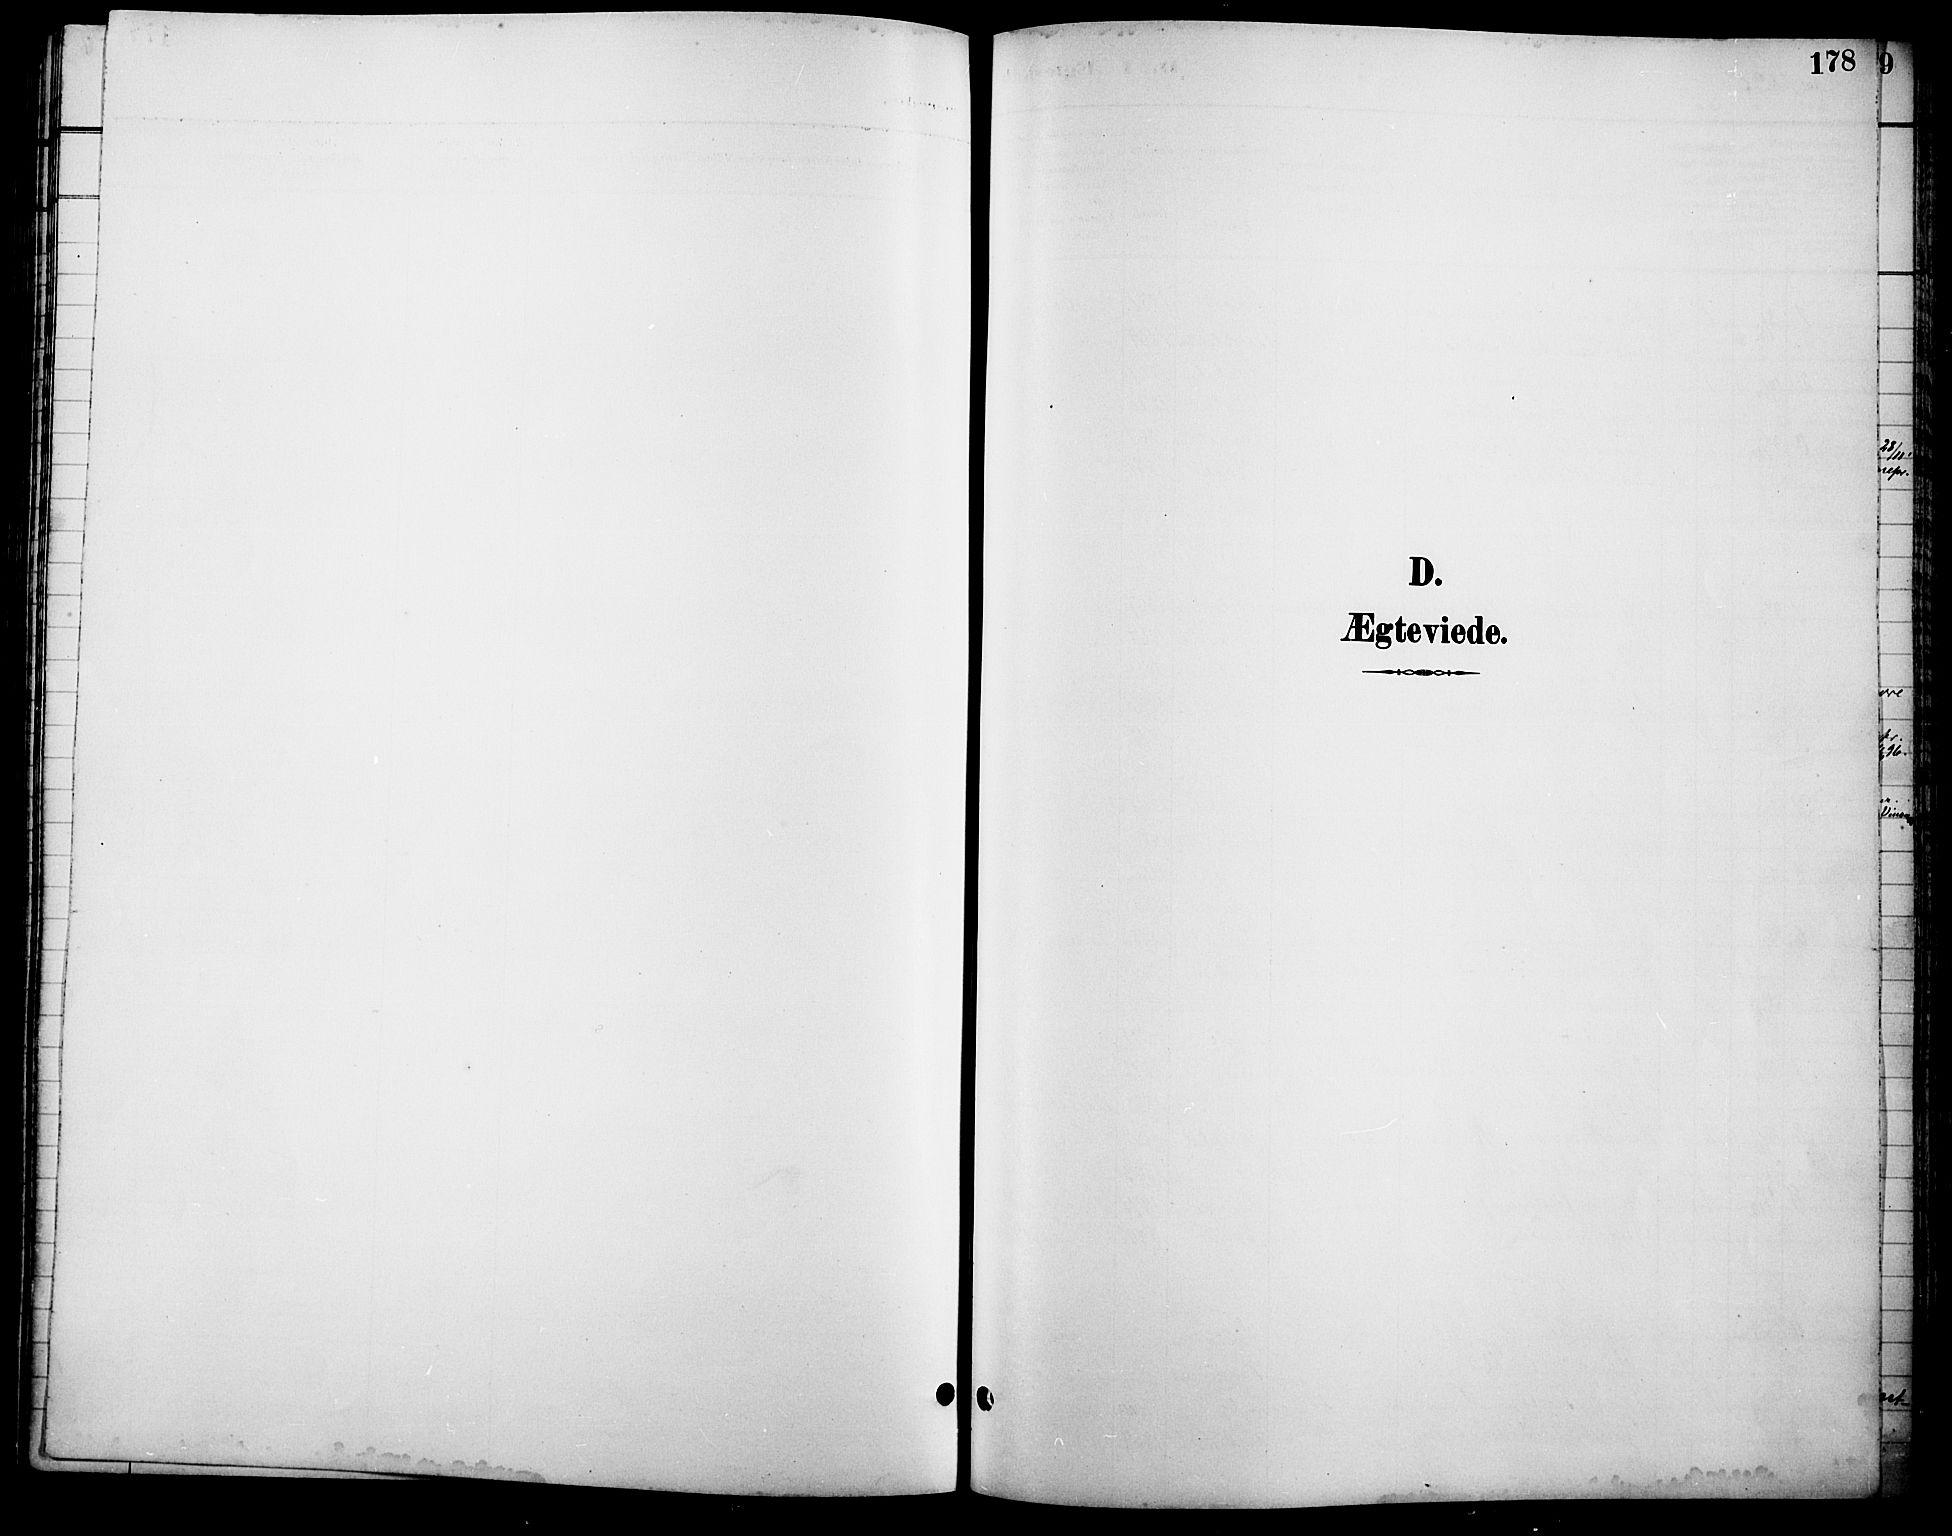 SAH, Lesja prestekontor, Parish register (copy) no. 7, 1895-1919, p. 178